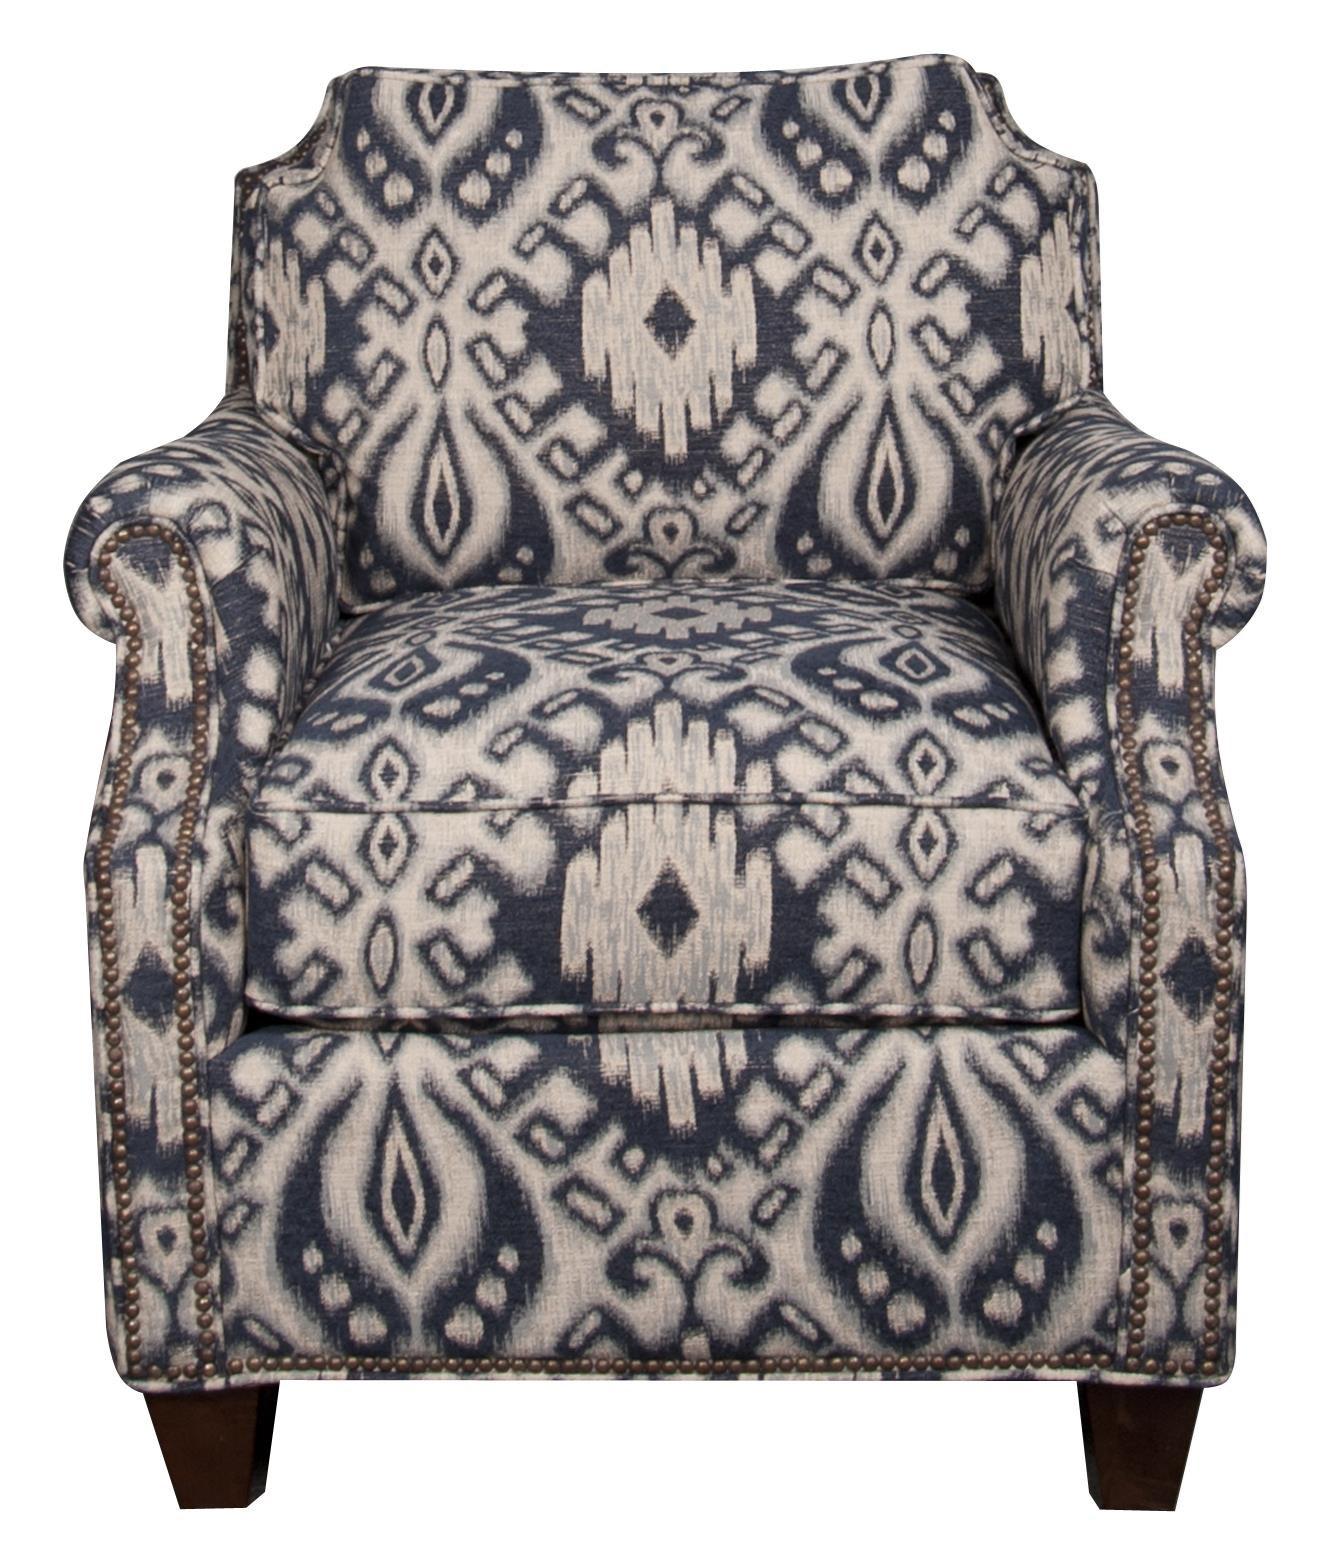 Morris Home Furnishings Hadley Hadley Chair - Item Number: 986294547